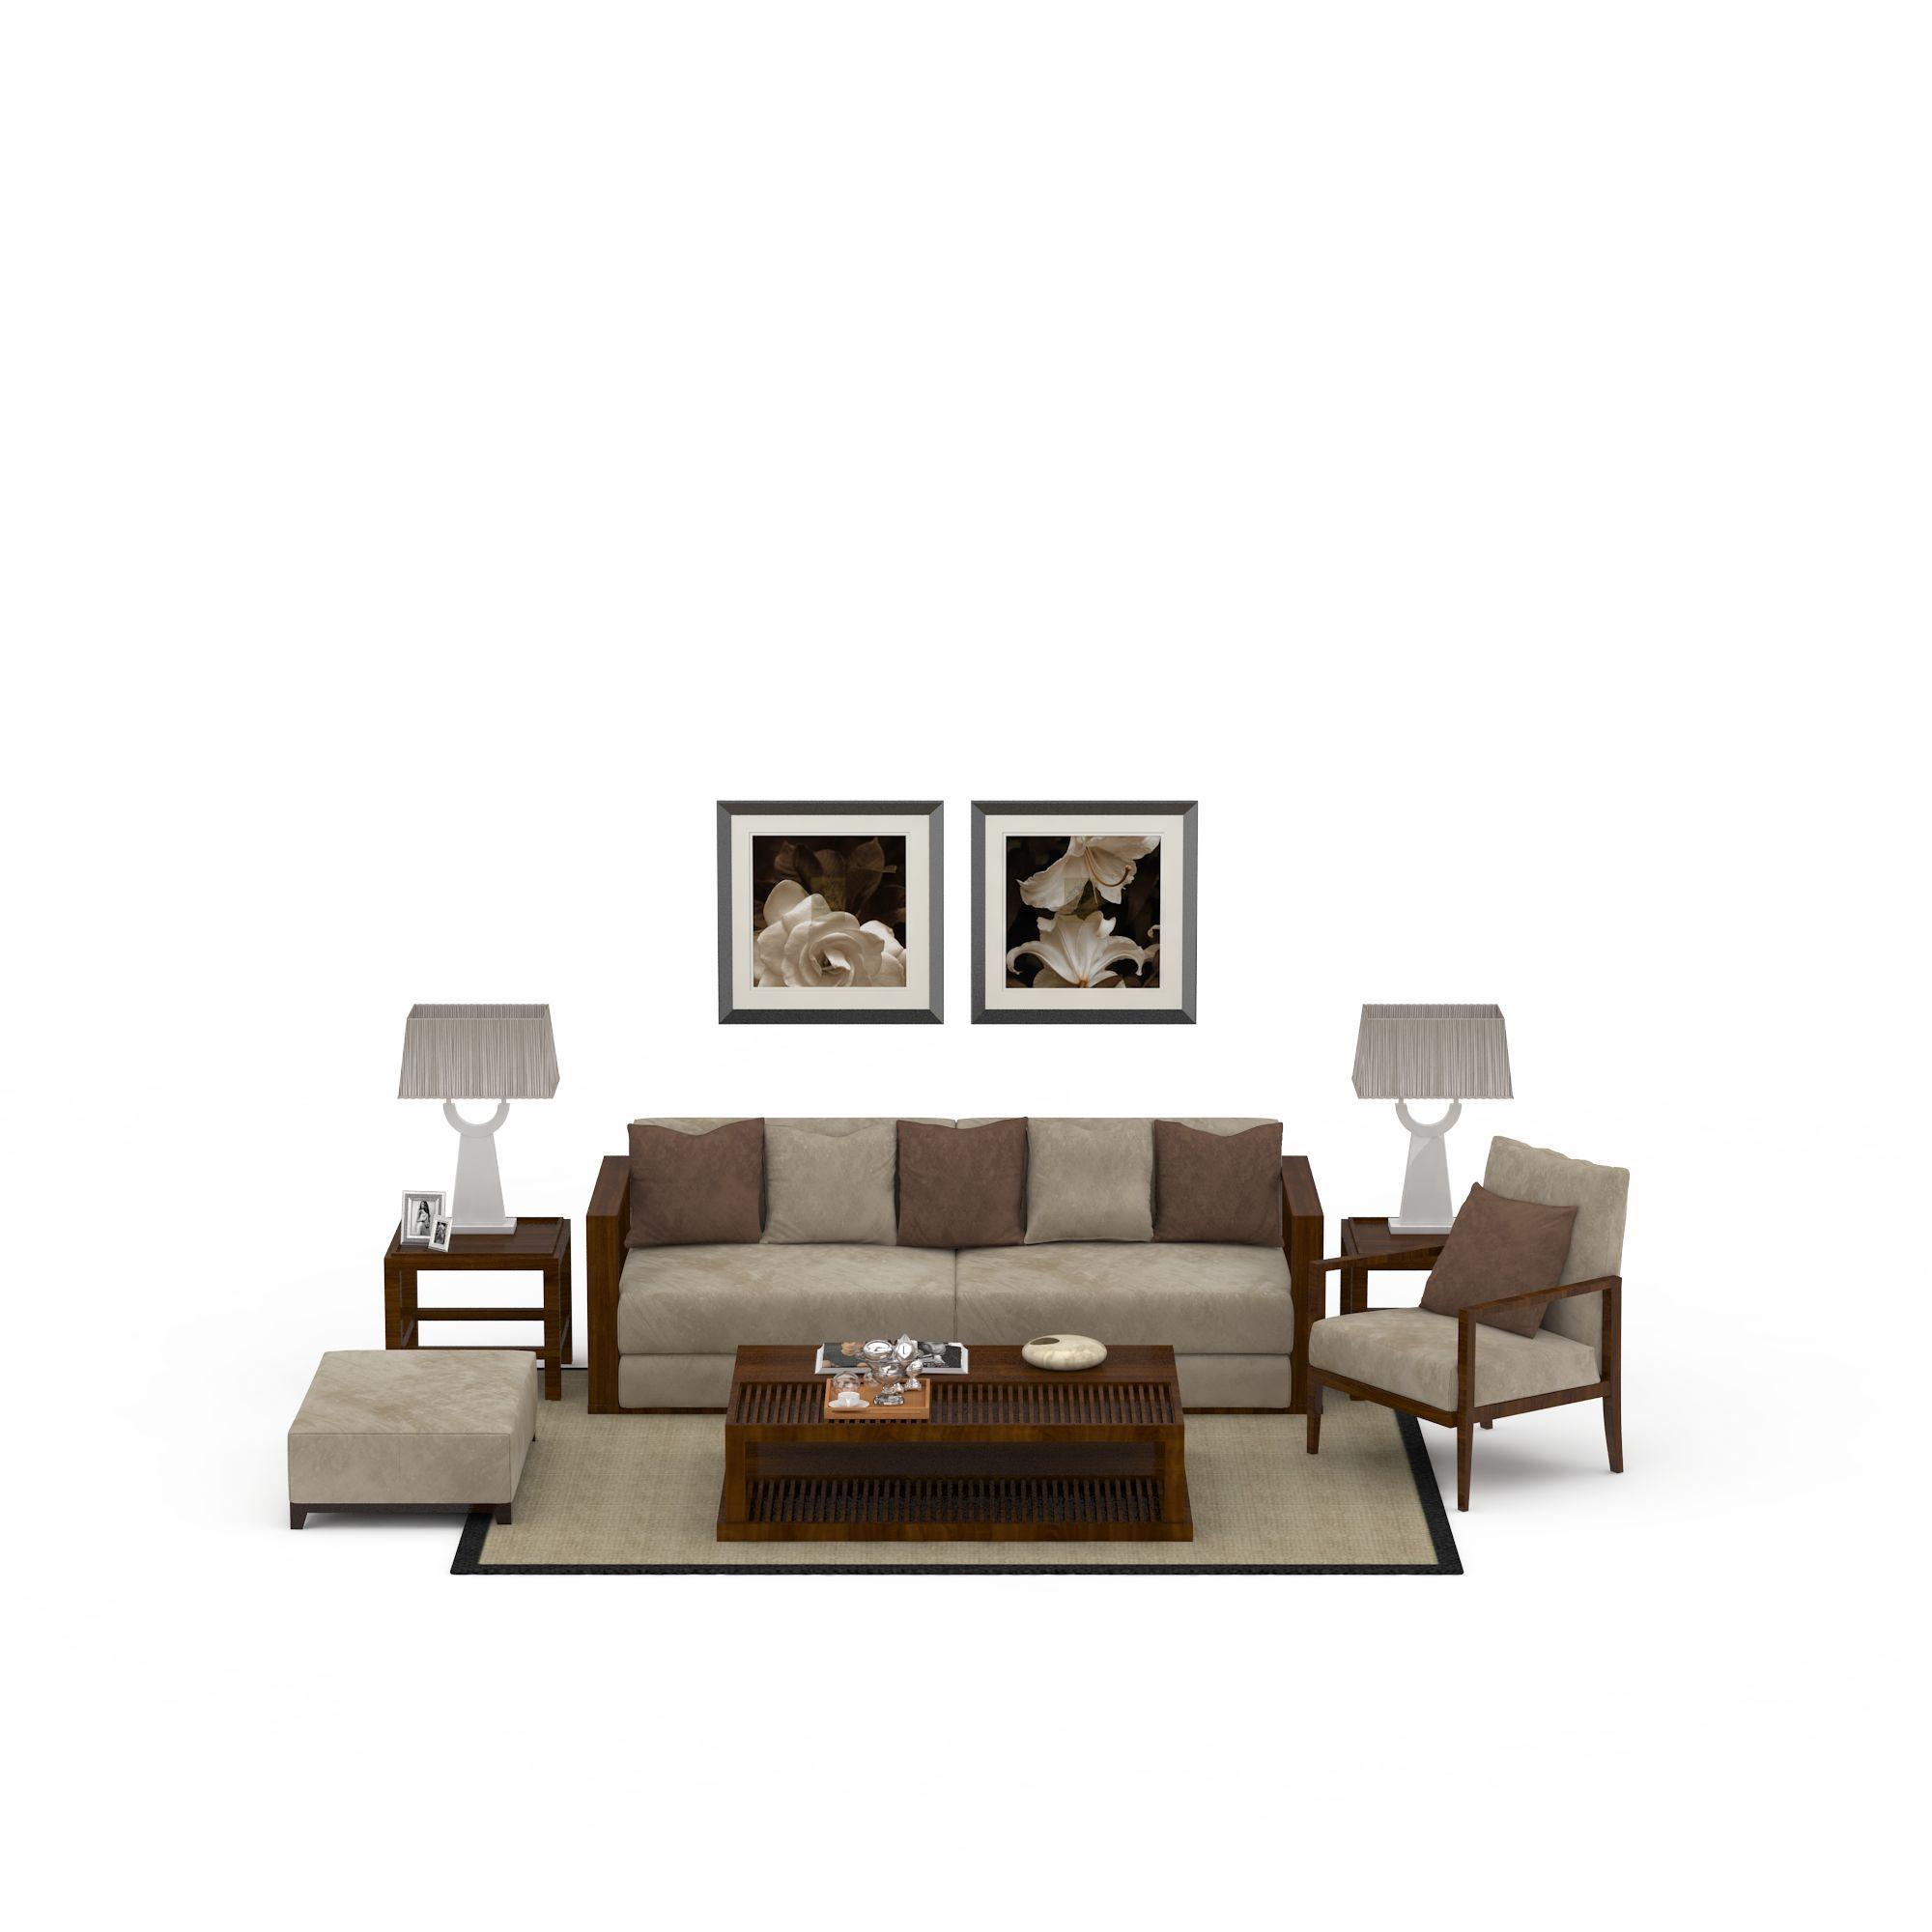 中式风格沙发组合高清图下载图片